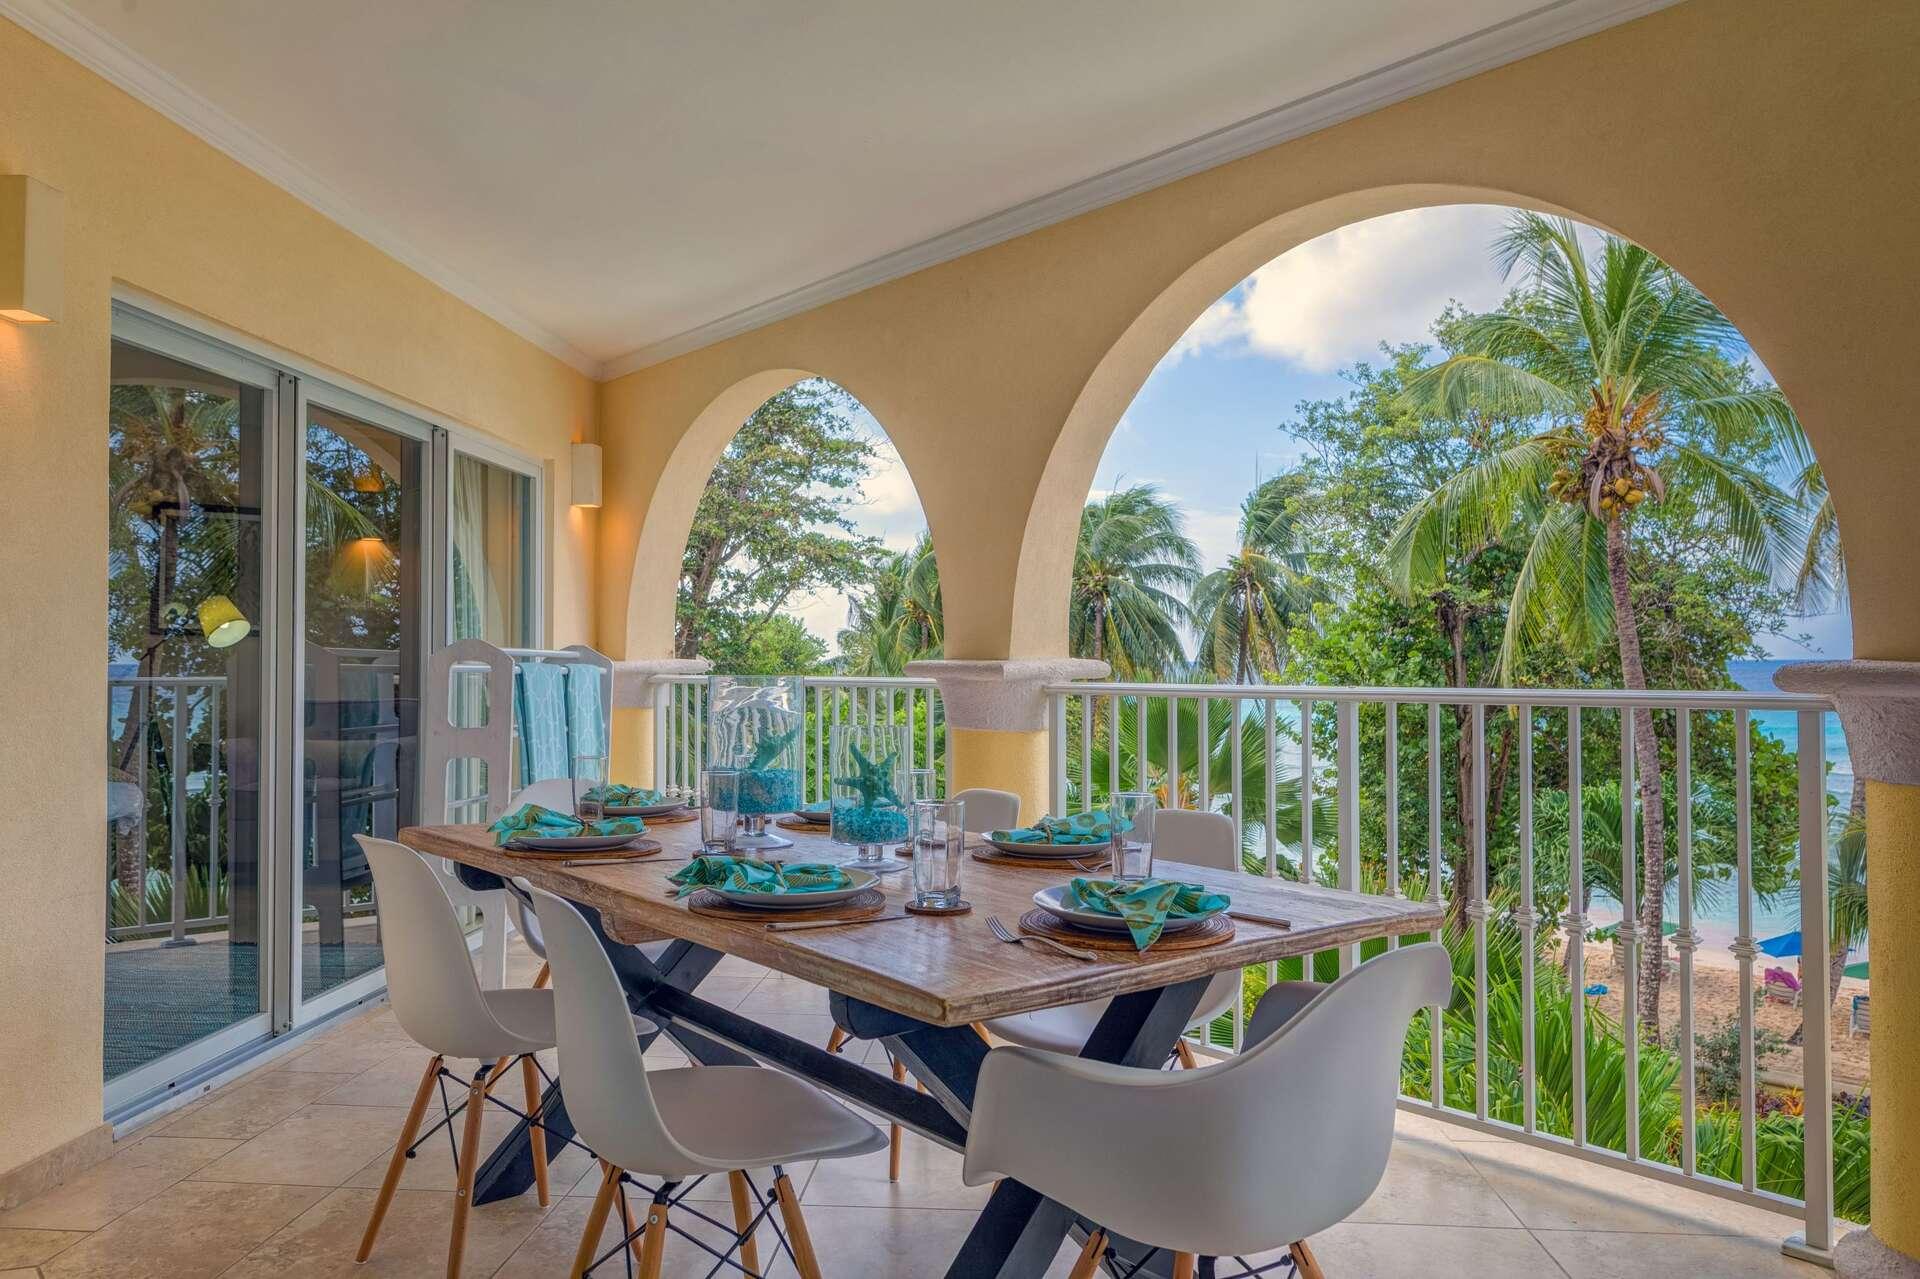 Luxury villa rentals caribbean - Barbados - Christ church - Sapphire beach condos - Sapphire Beach 213 - Image 1/14